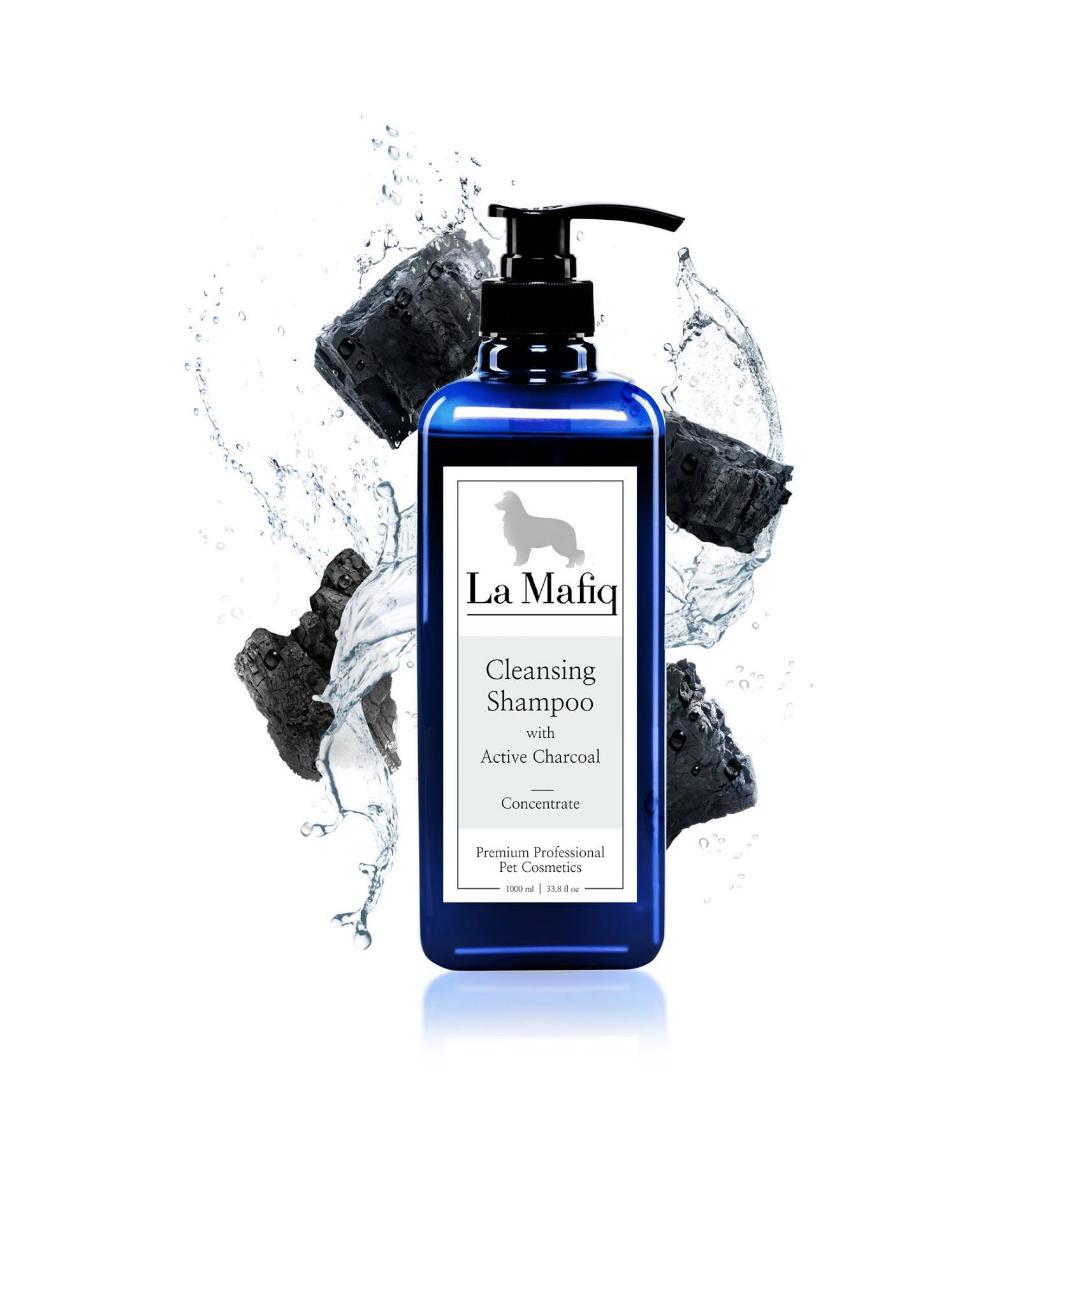 La Mafiq - Профессиональный очищающий шампунь с активным углем 250мл